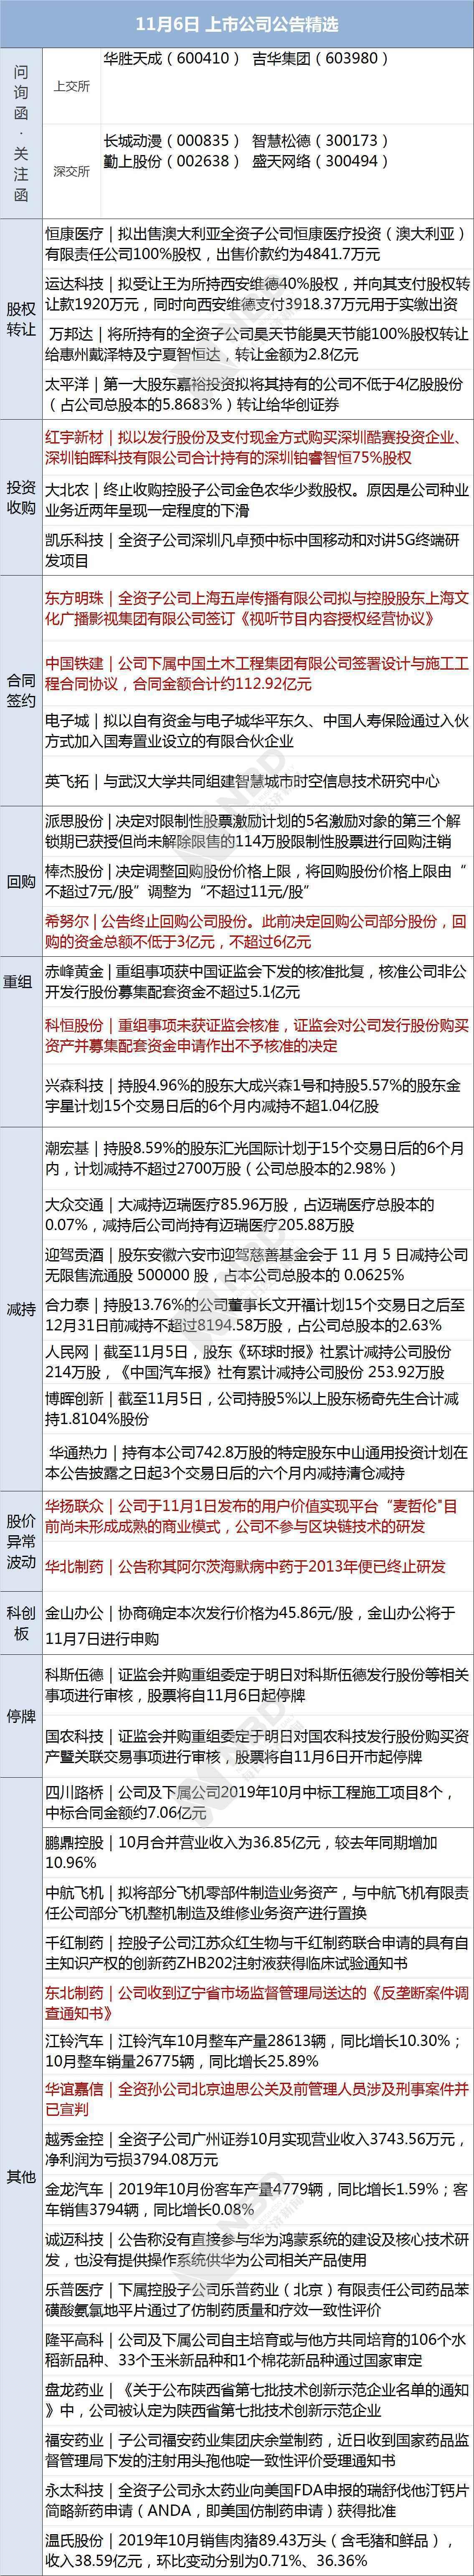 早财经丨桂林航空高层集体受罚,总经理被降级;国家烟草专卖局对电子烟监管进行专项部署;今年双11快件量预计将达28亿,高峰期持续至18日(图24)